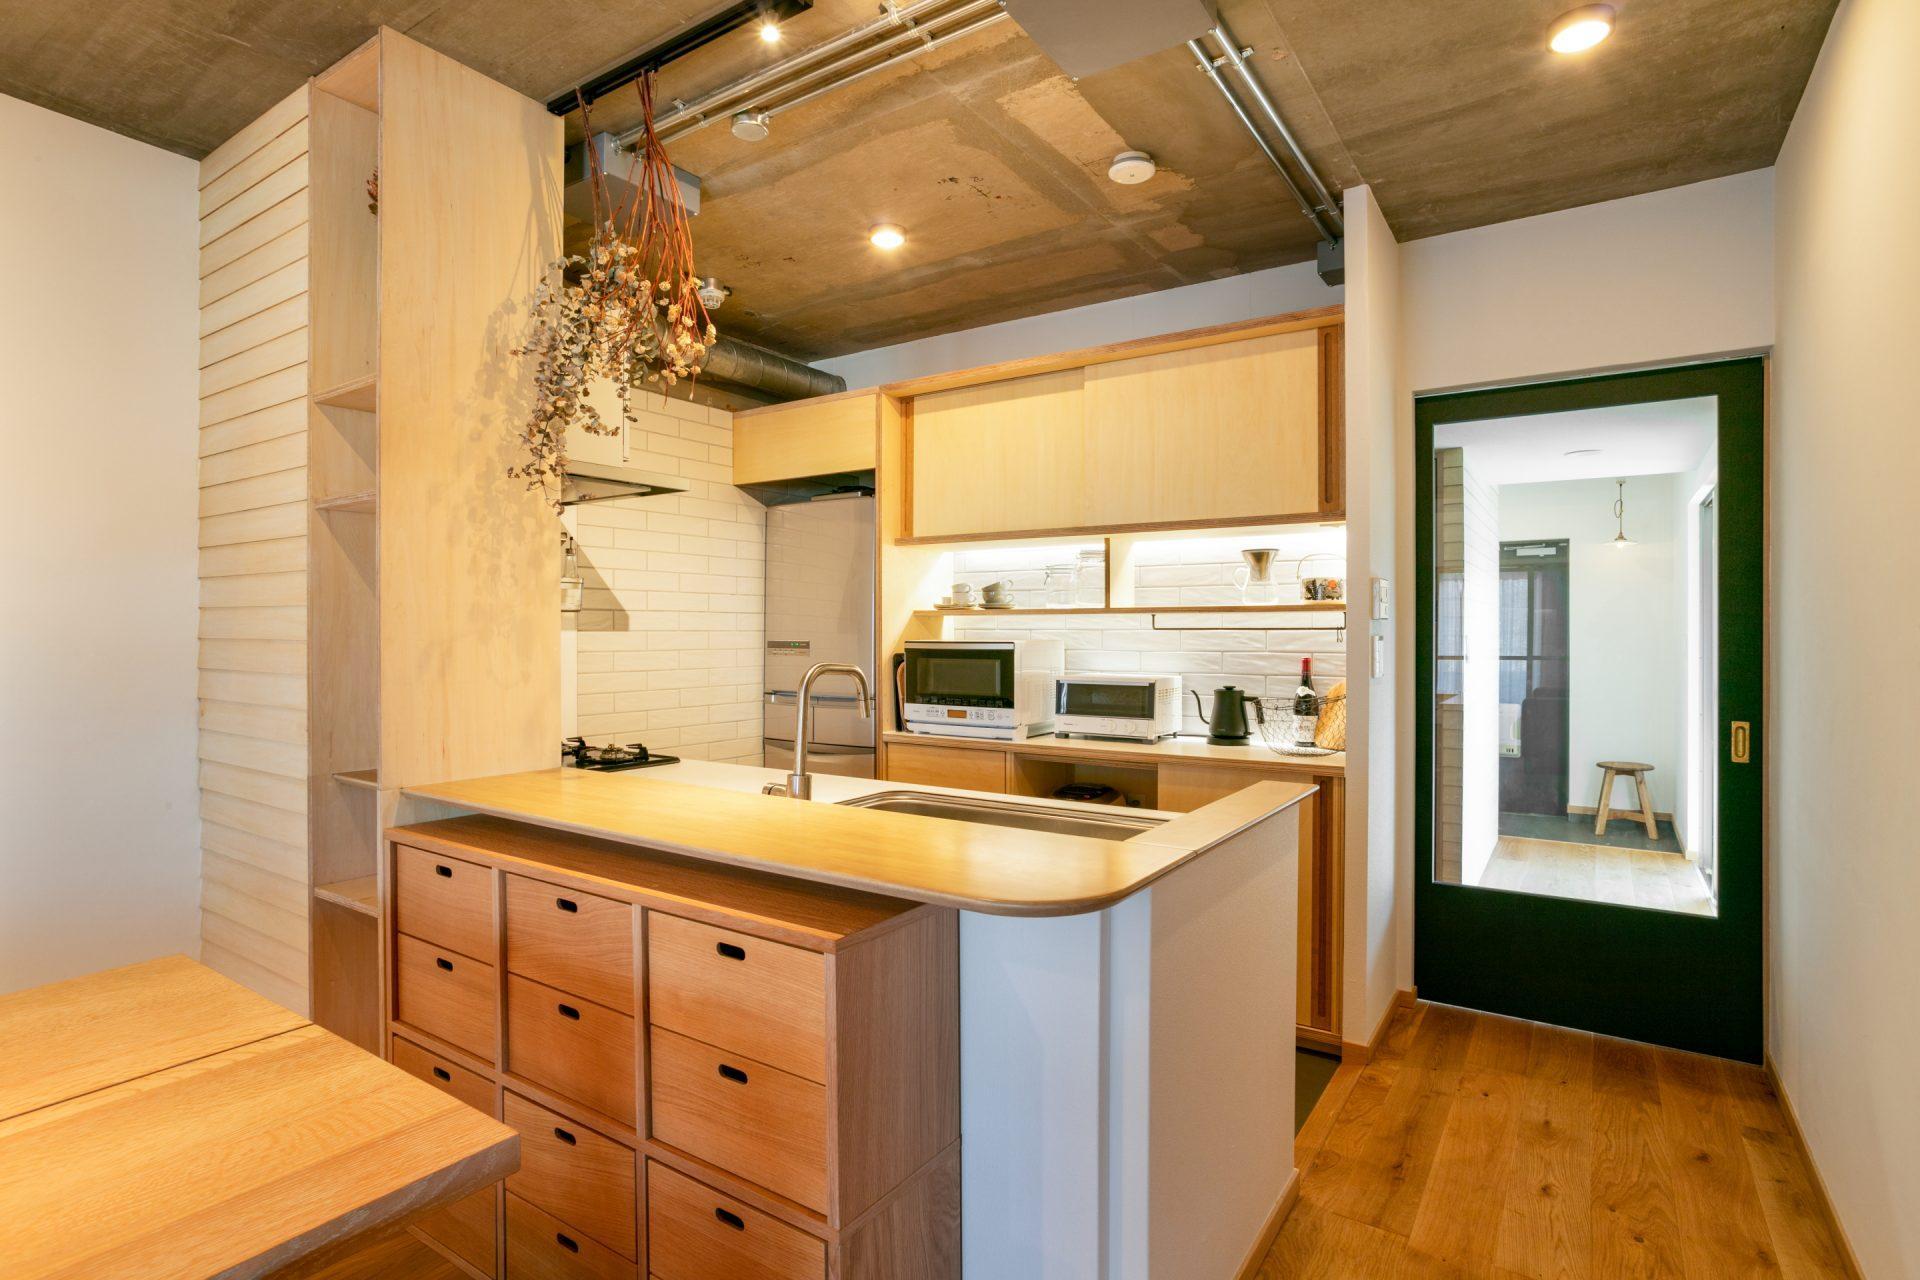 空間に馴染むように製作された収納棚やカウンターに、鎧貼の壁も愛らしい